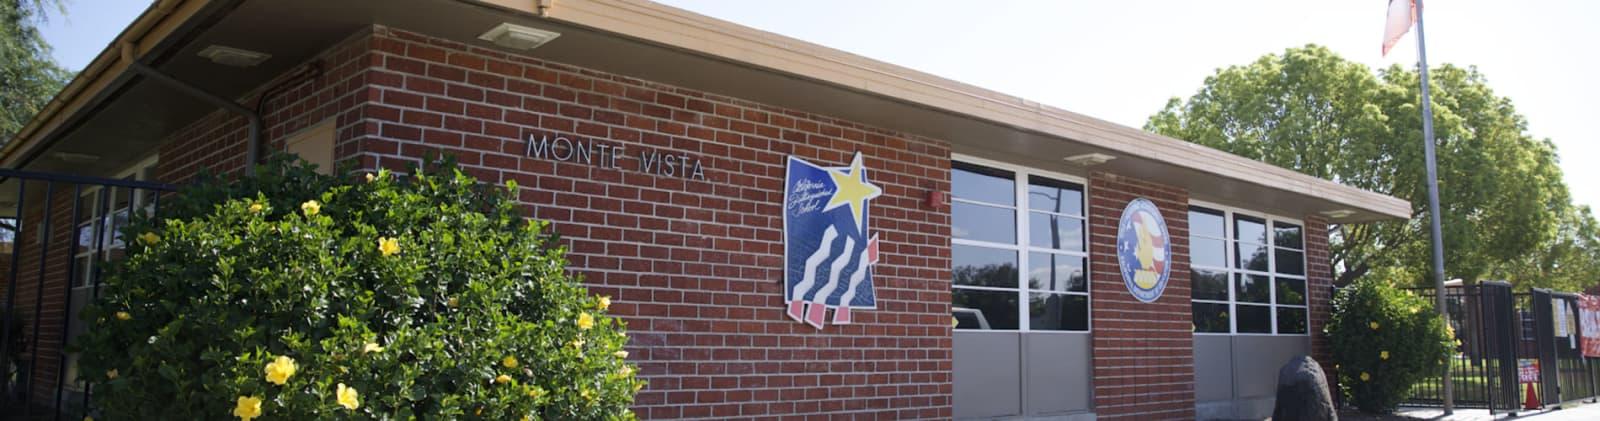 Home - Monte Vista Elementary